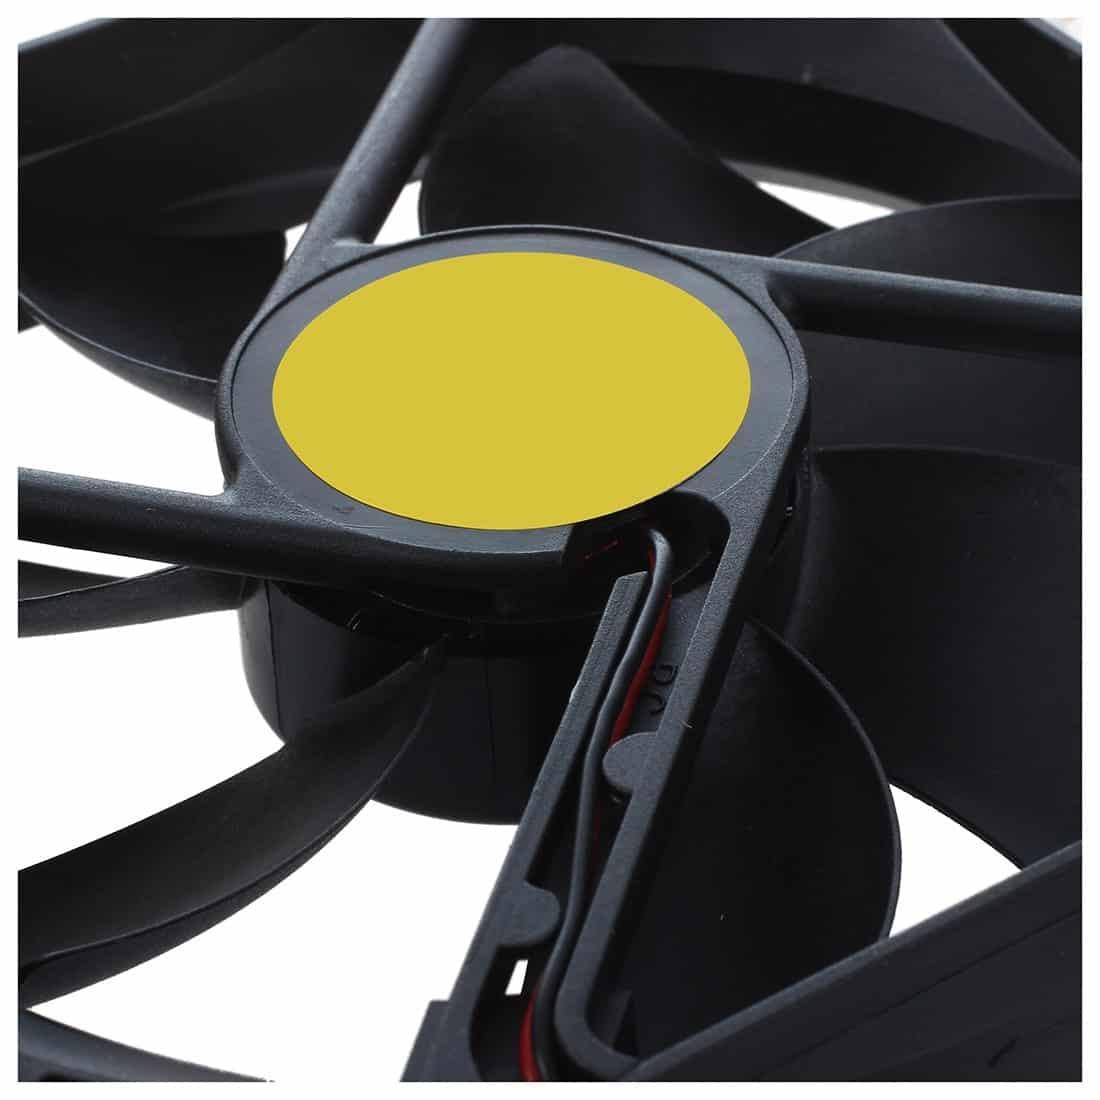 הפתרון הזול ביותר לבעיית התחממות המחשב! מאוורר קטן, אפקטיבי ובמחיר מצוין!